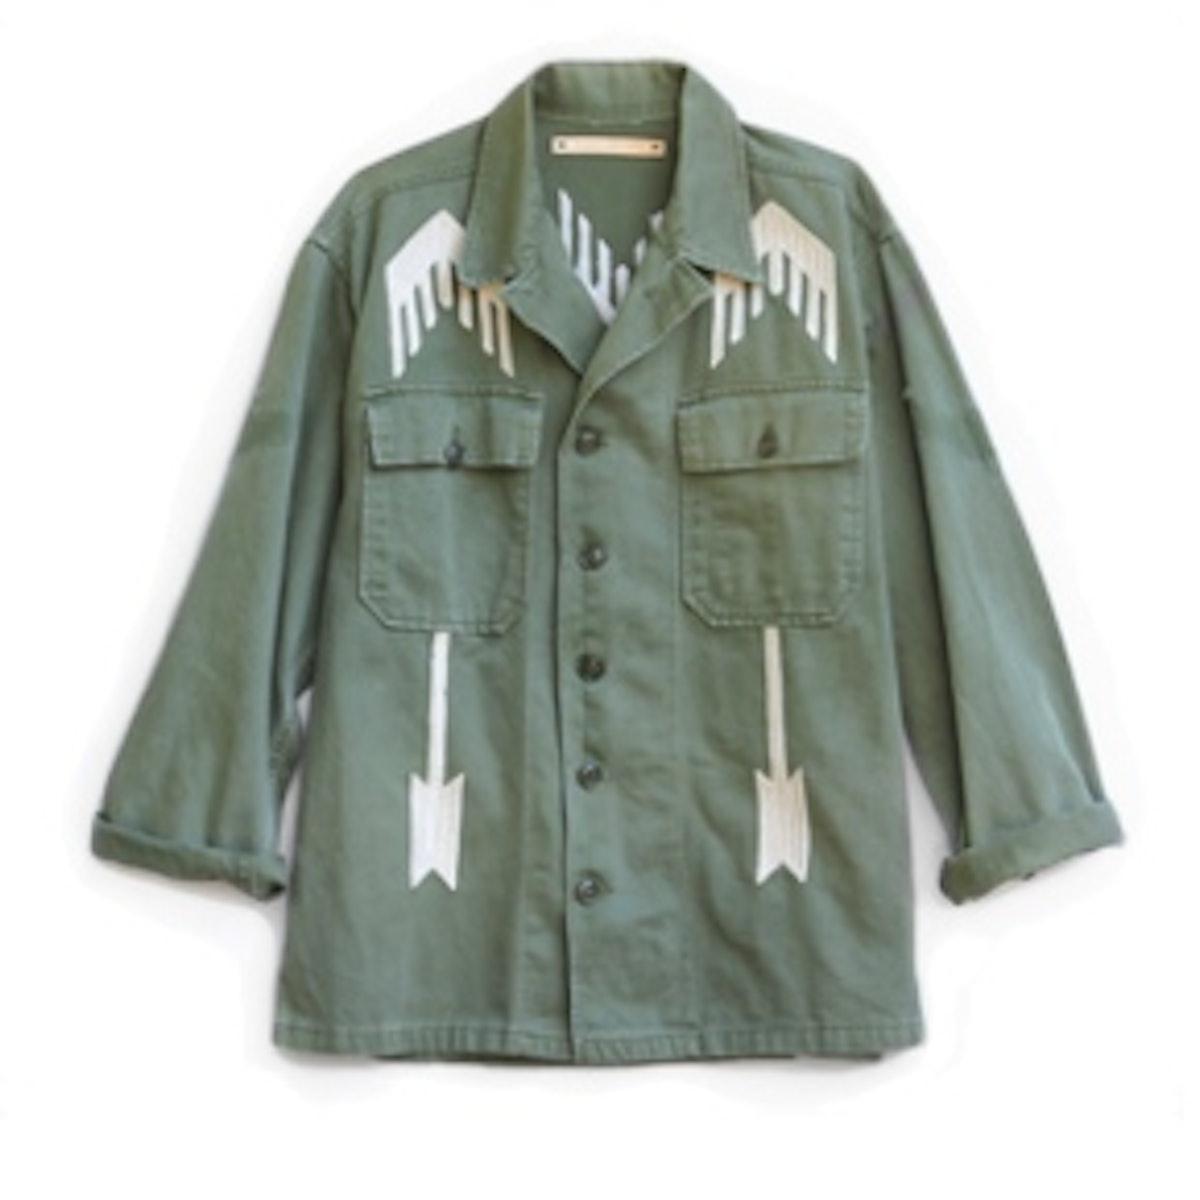 Westing Sun Jacket